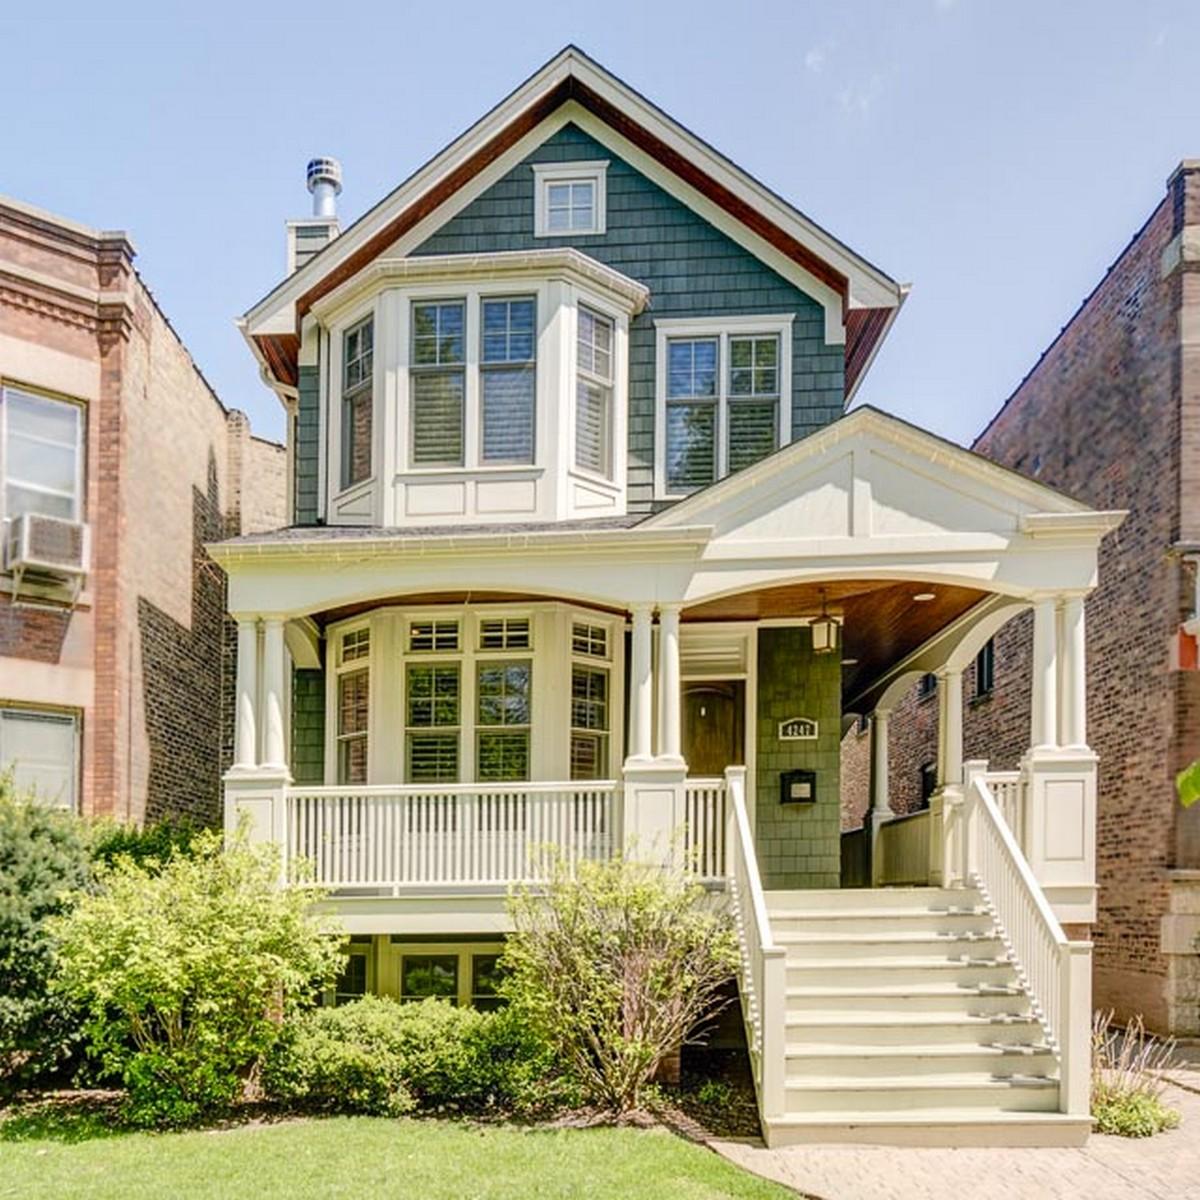 Частный односемейный дом для того Продажа на Elegant Home with Wrap Around Porch 4247 N Winchester Avenue Chicago, Иллинойс, 60613 Соединенные Штаты